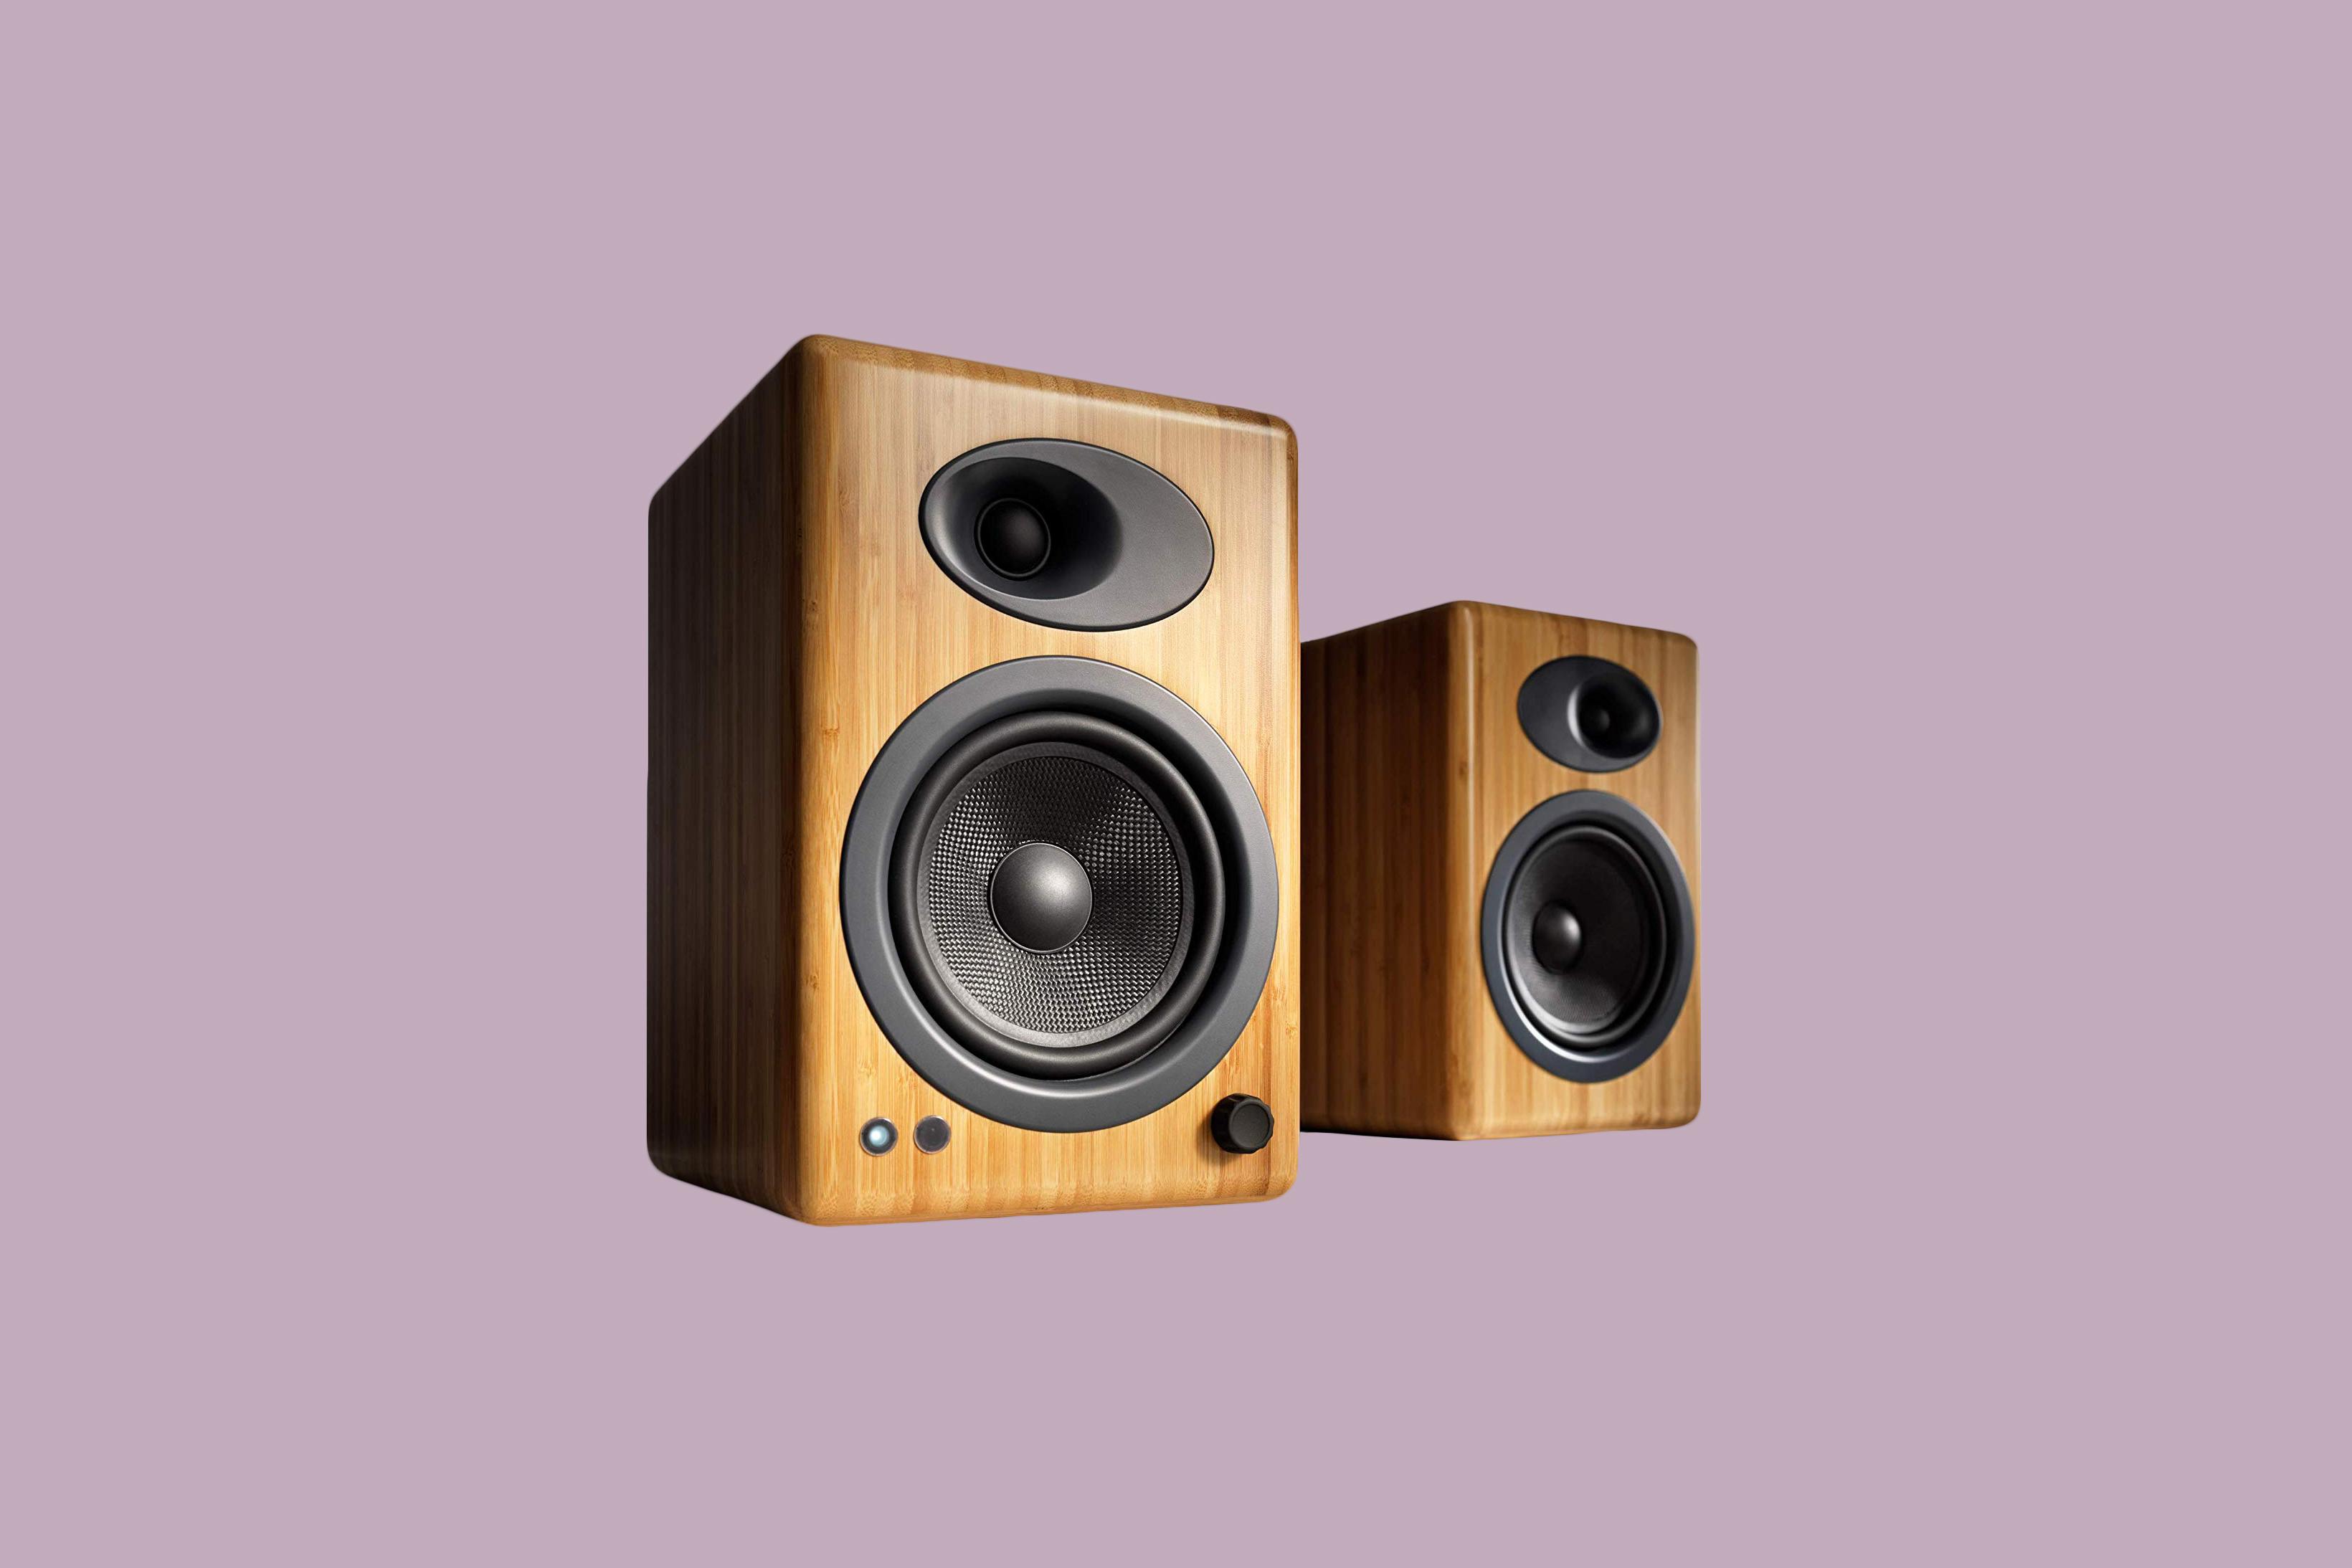 Audioengine A5 Plus Classic Bookshelf Speakers